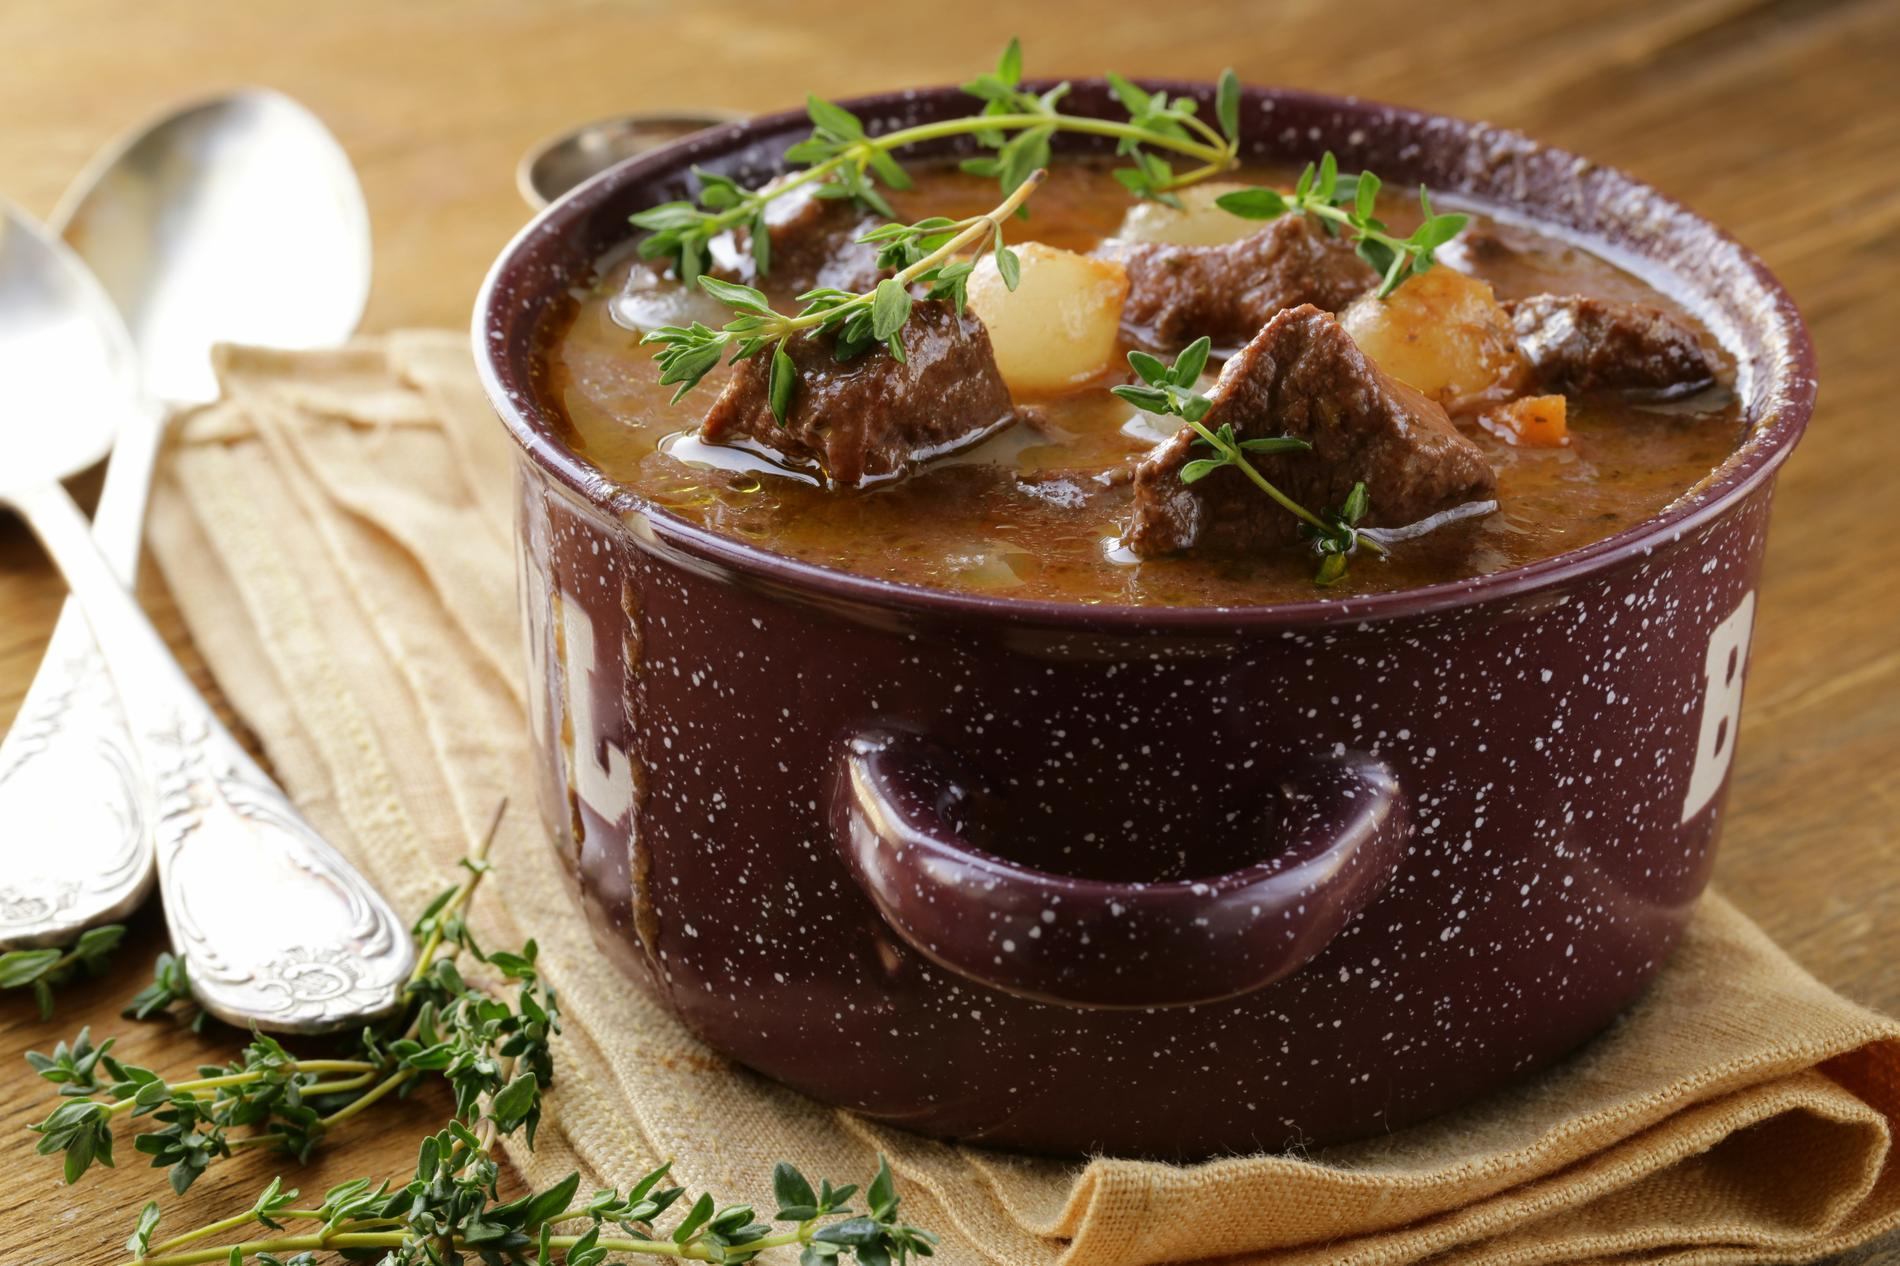 Recette Bœuf Bourguignon Traditionnel Cuisine Madame Figaro